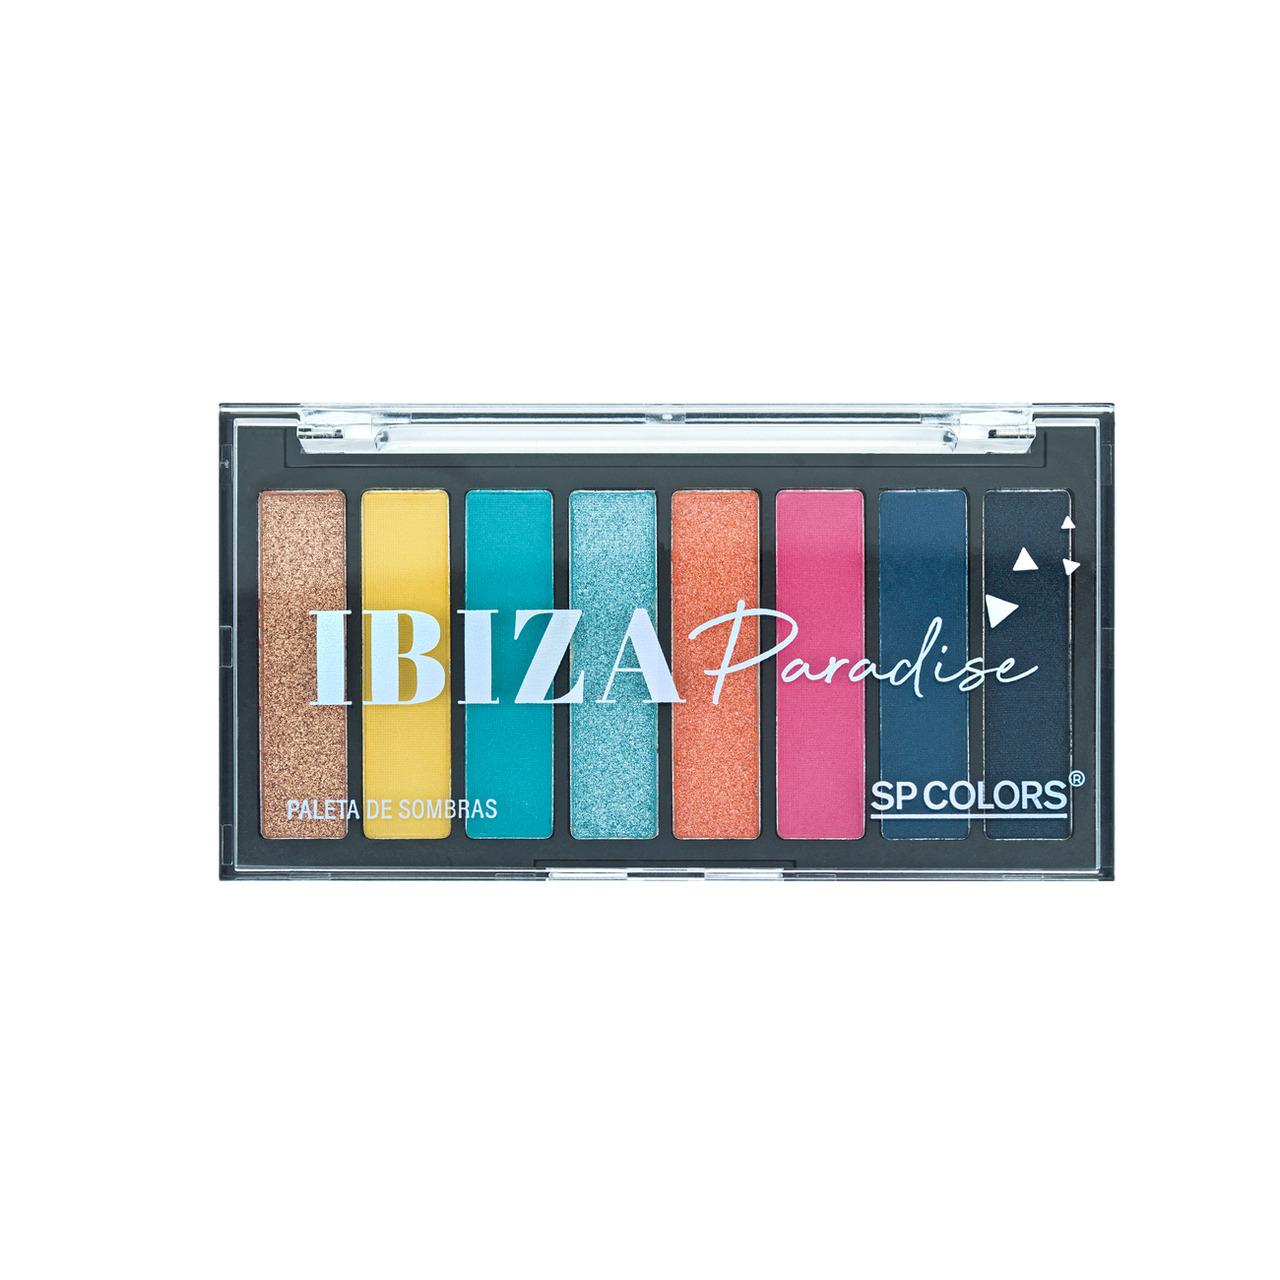 Paleta de Sombras 8 Cores Ibiza Paradise SP Colors